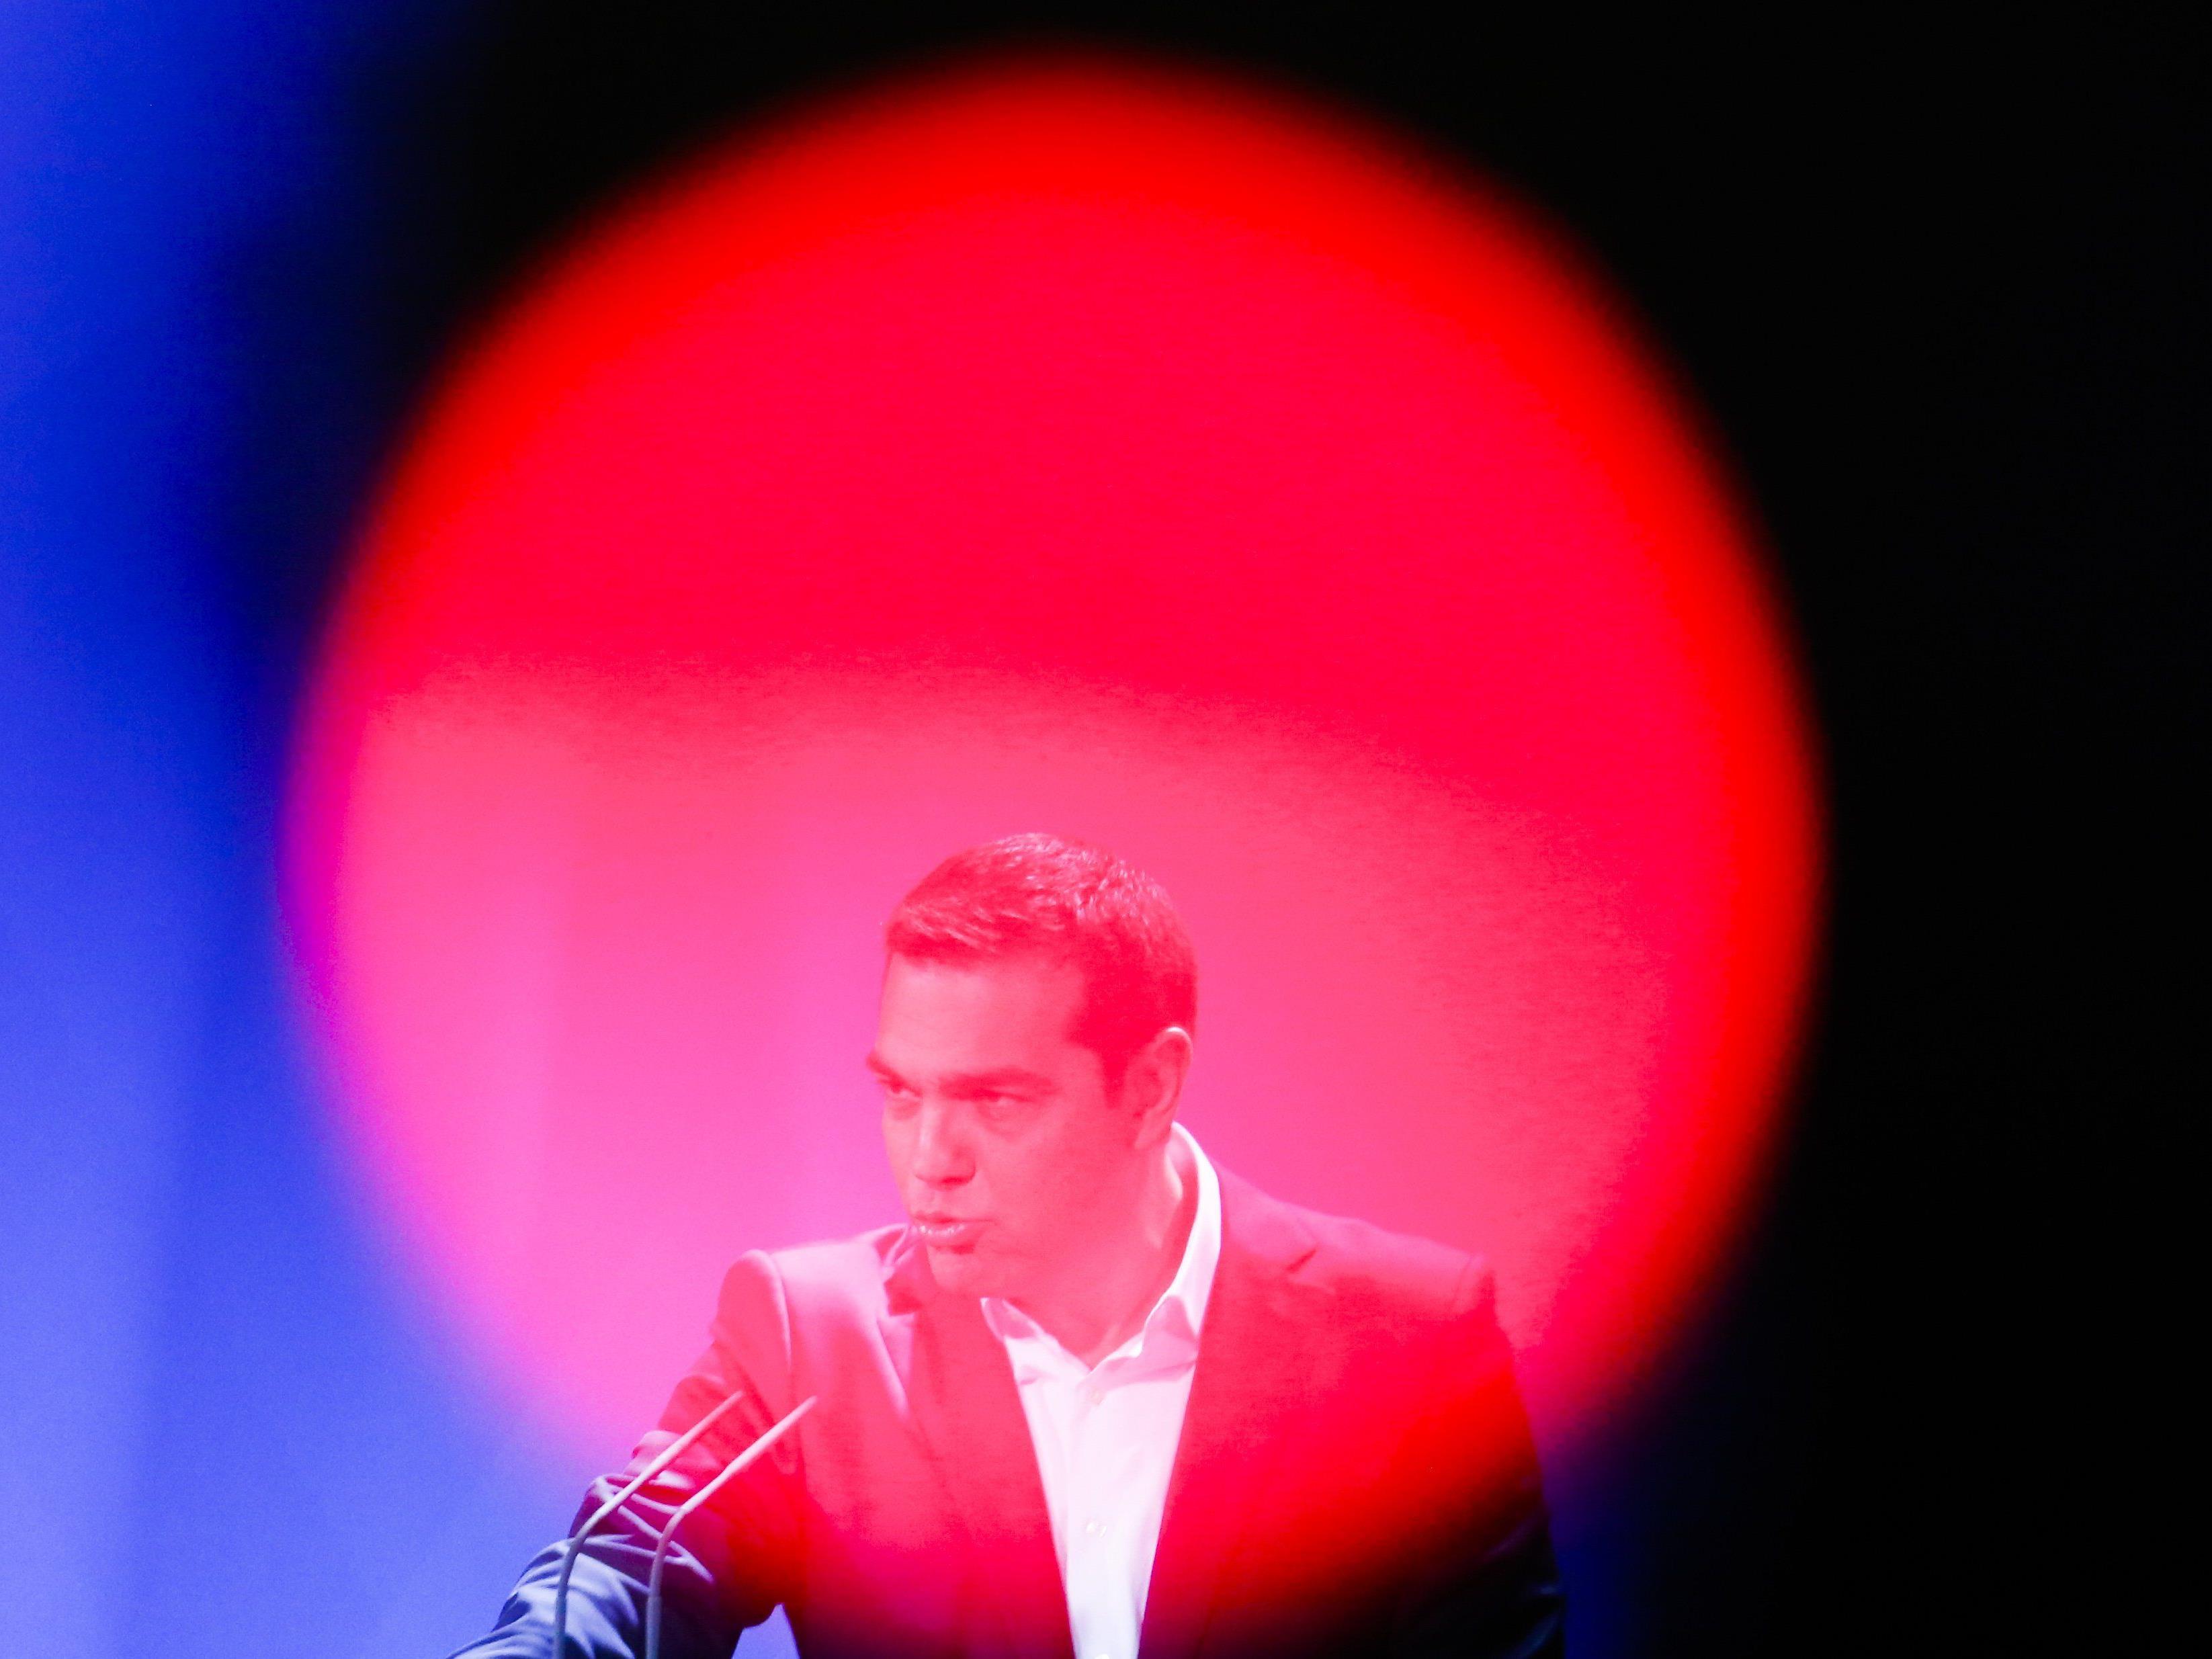 Kritik vor Moskau-Reise von griechischem Premier Tsipras